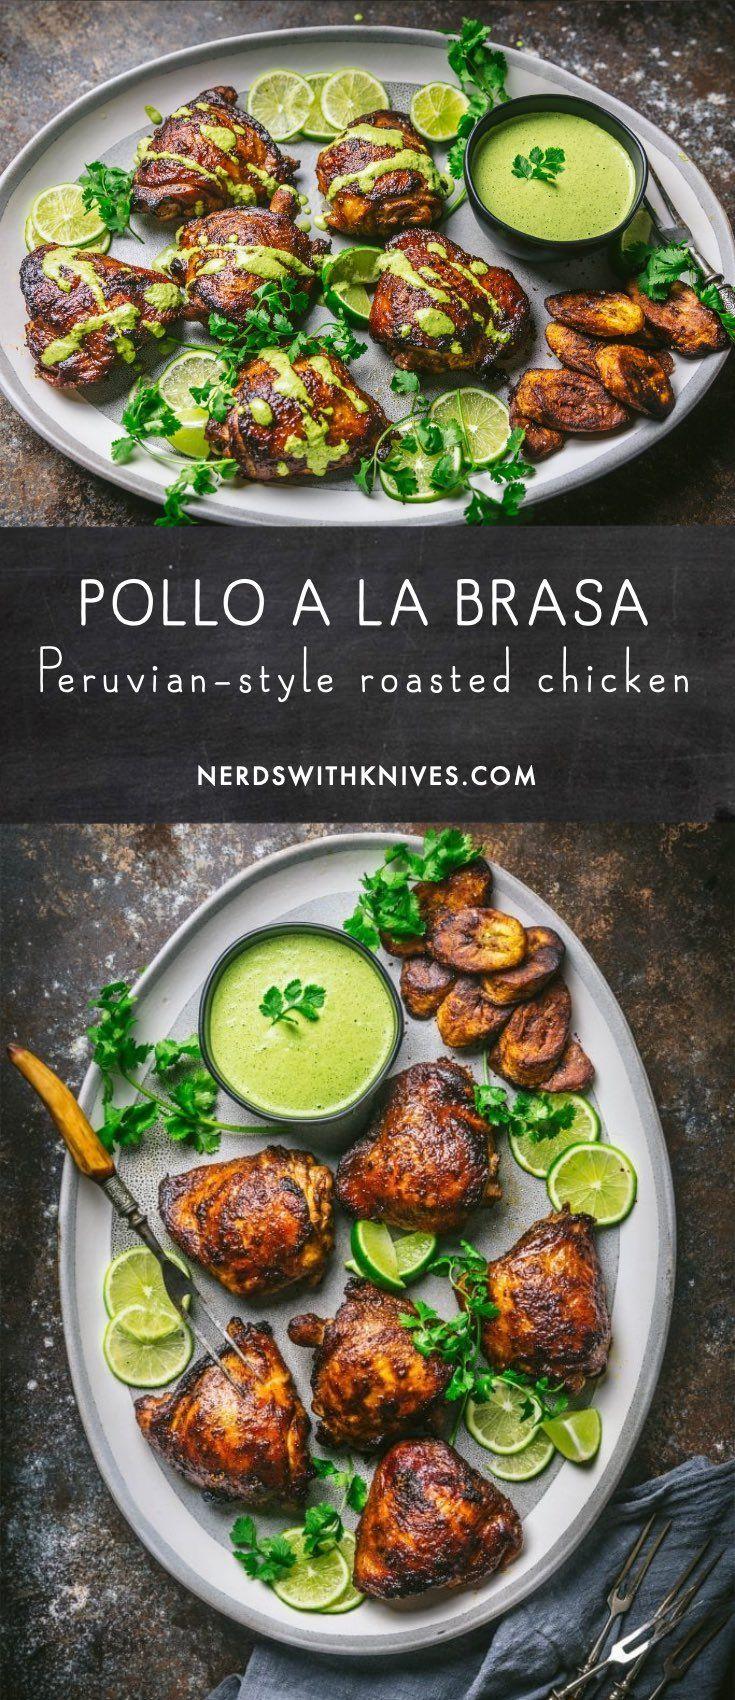 Pollo a la Brasa (Peruvian-style Roasted Chicken)